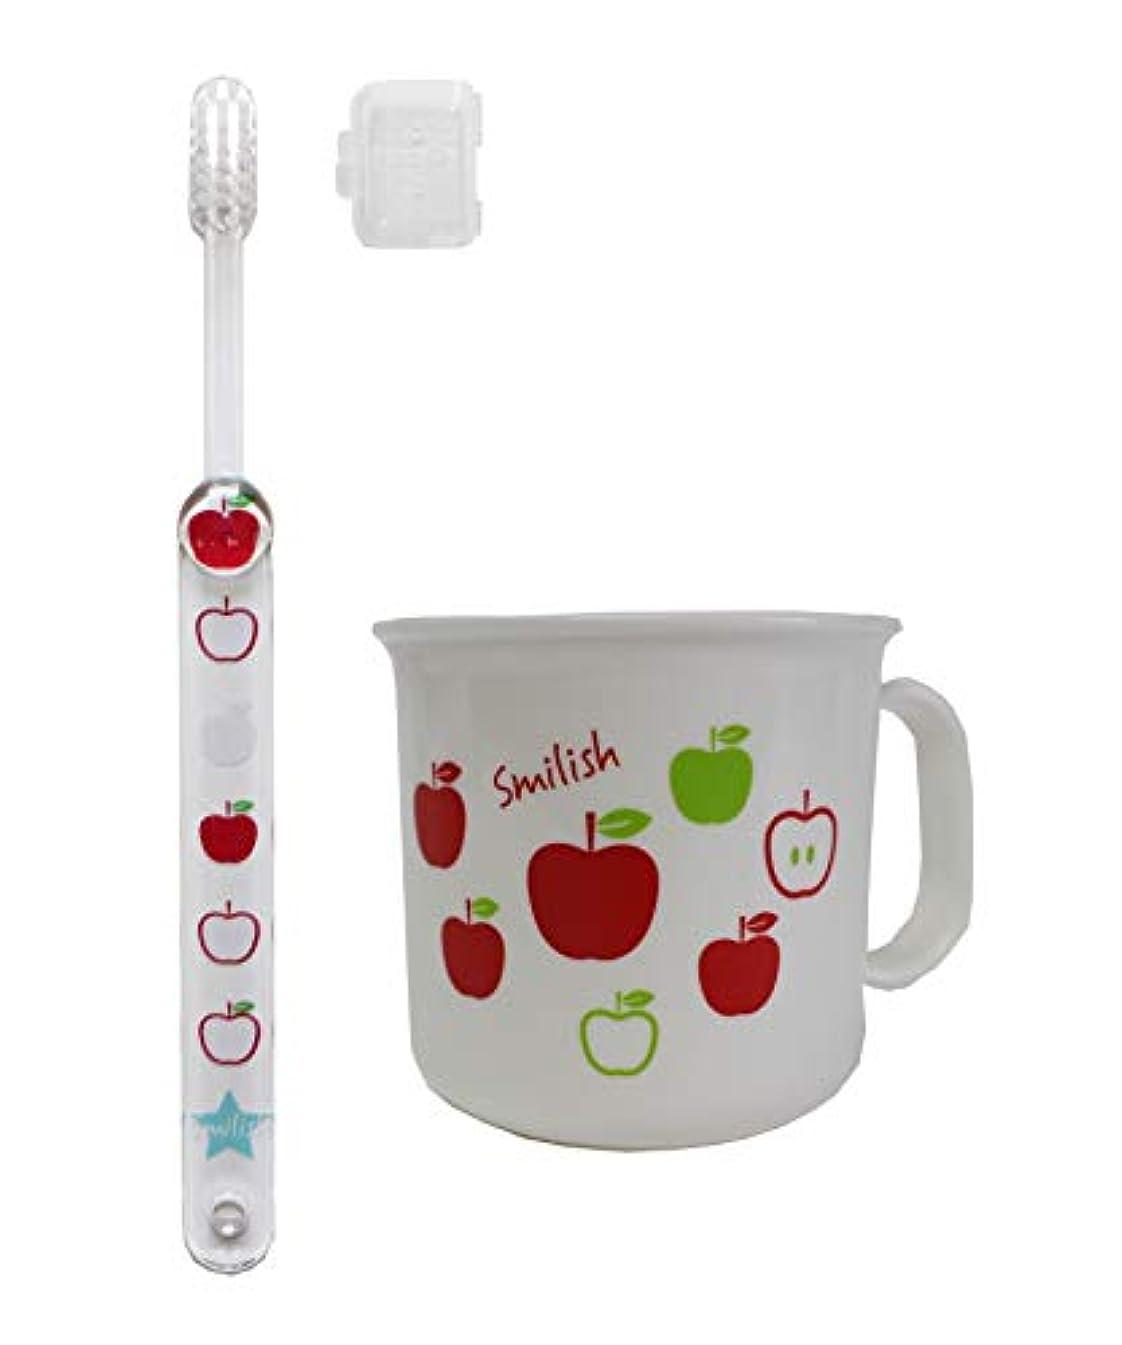 バインド単独でジュニア子ども歯ブラシ(キャップ付き) 耐熱コップセット アップル